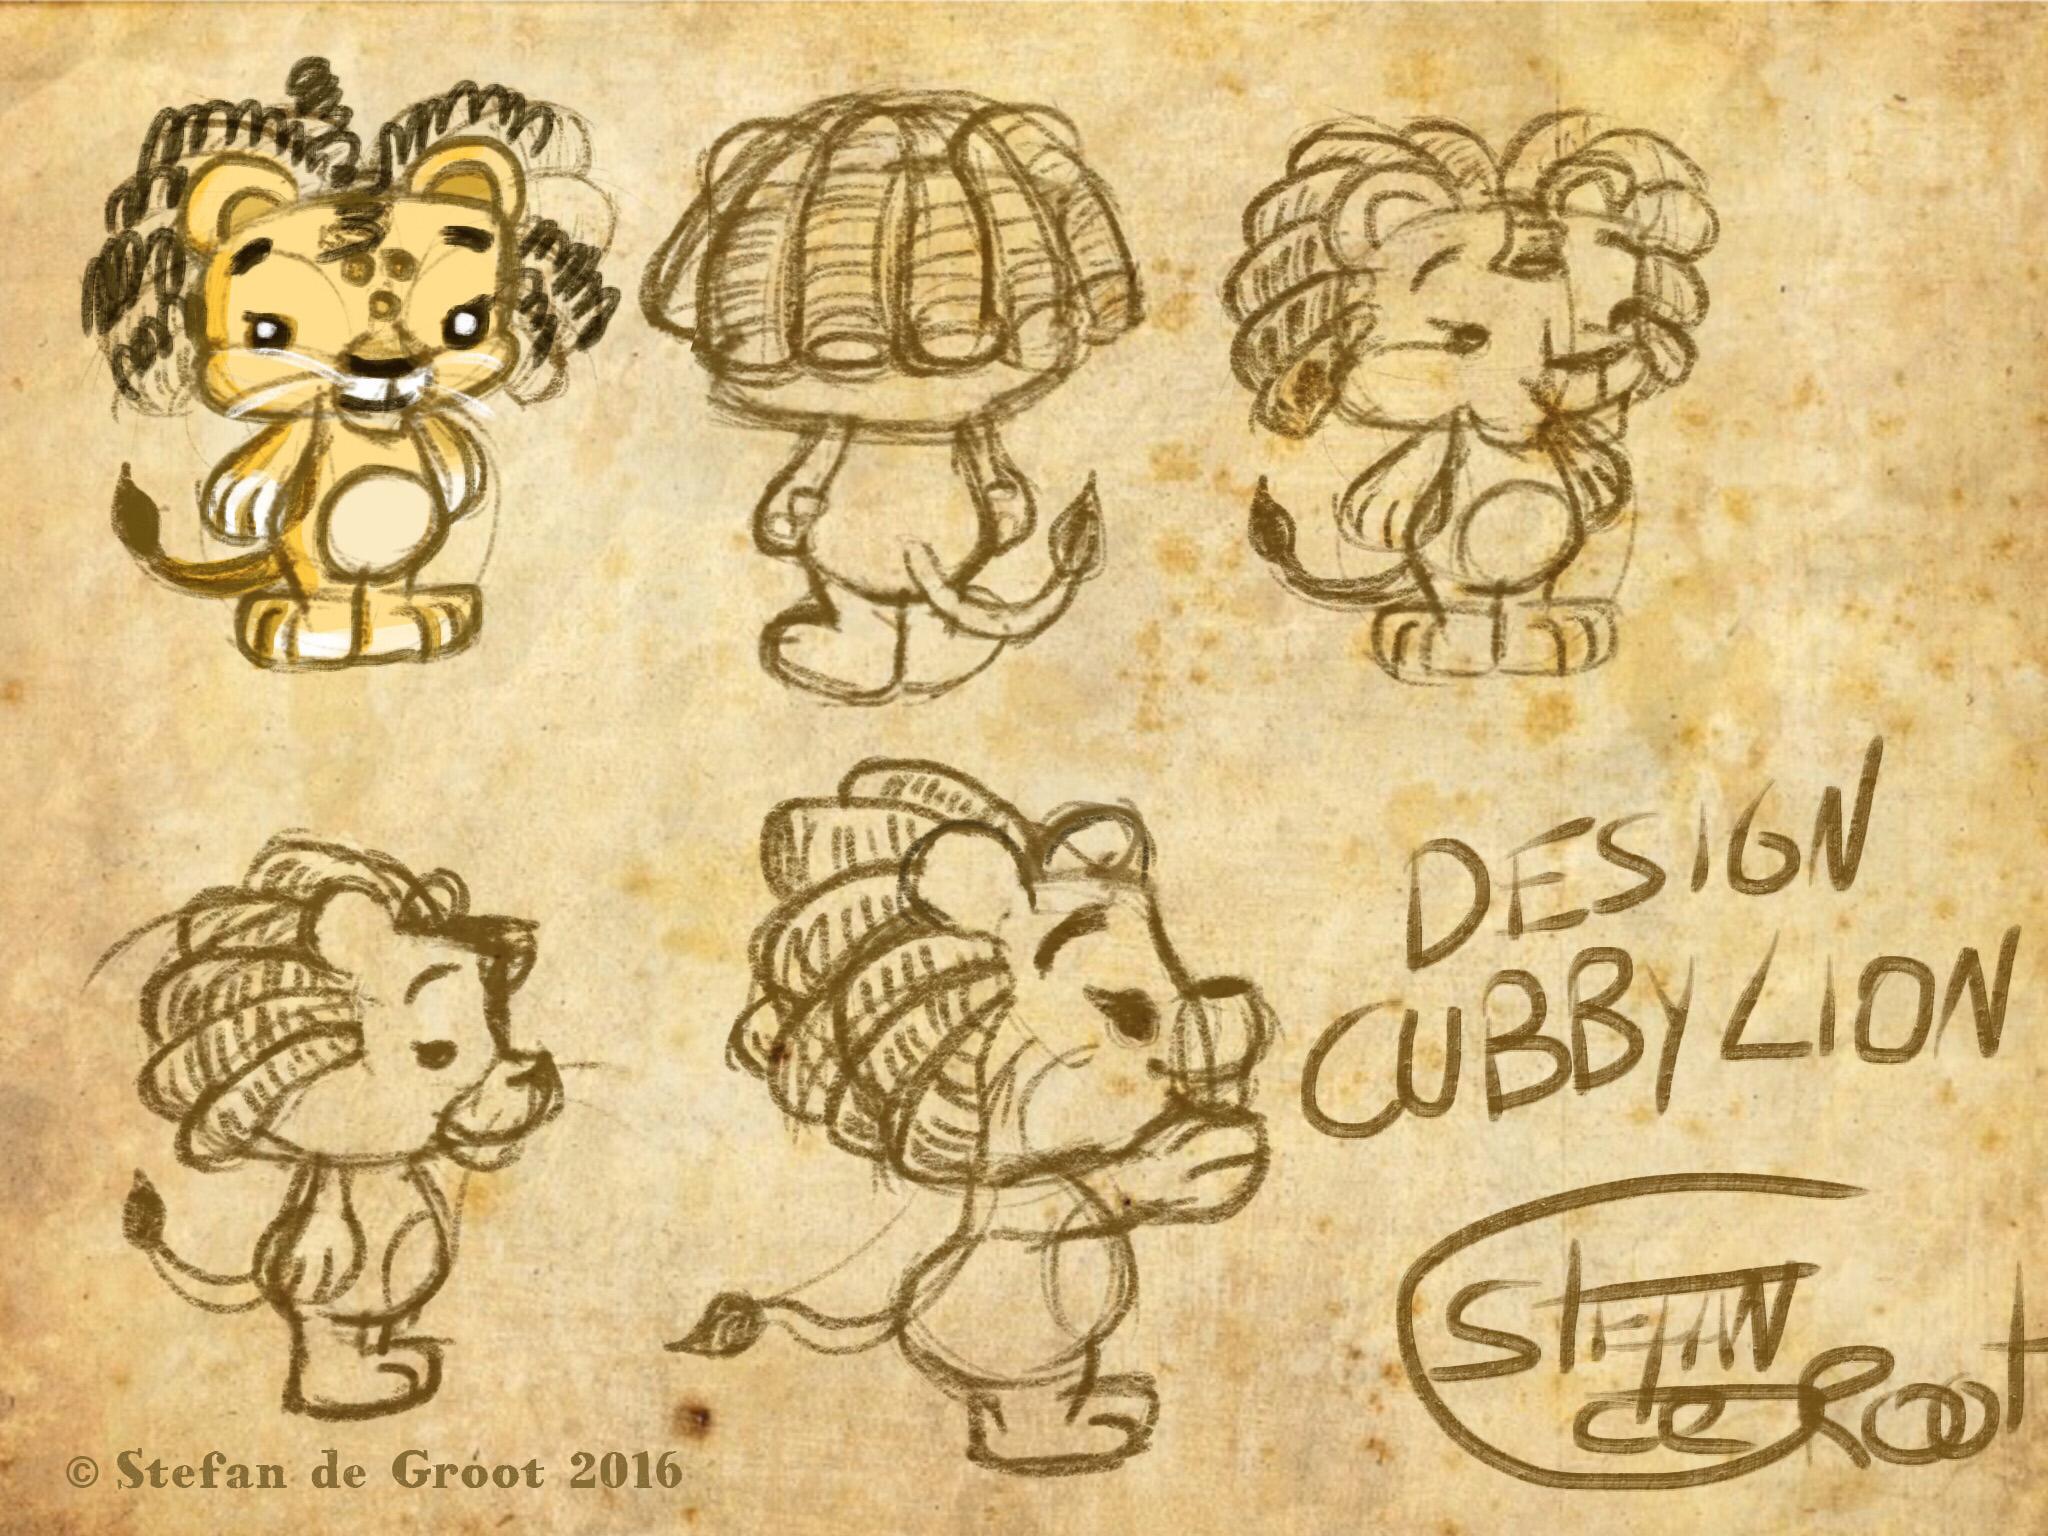 cubbymodelsheet